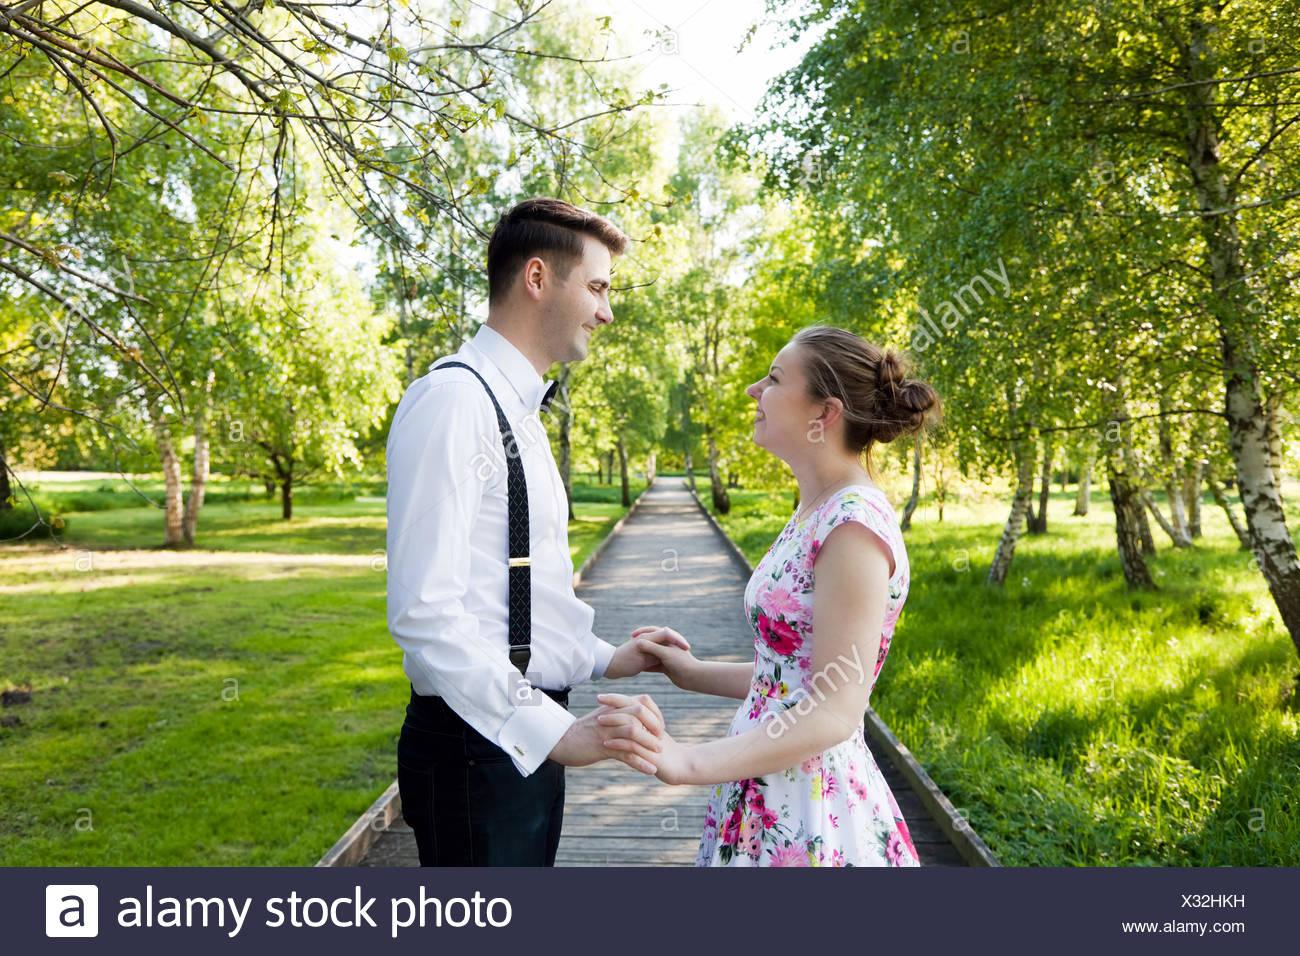 Coppia giovane in amore insieme, tenendo le mani. Immagini Stock